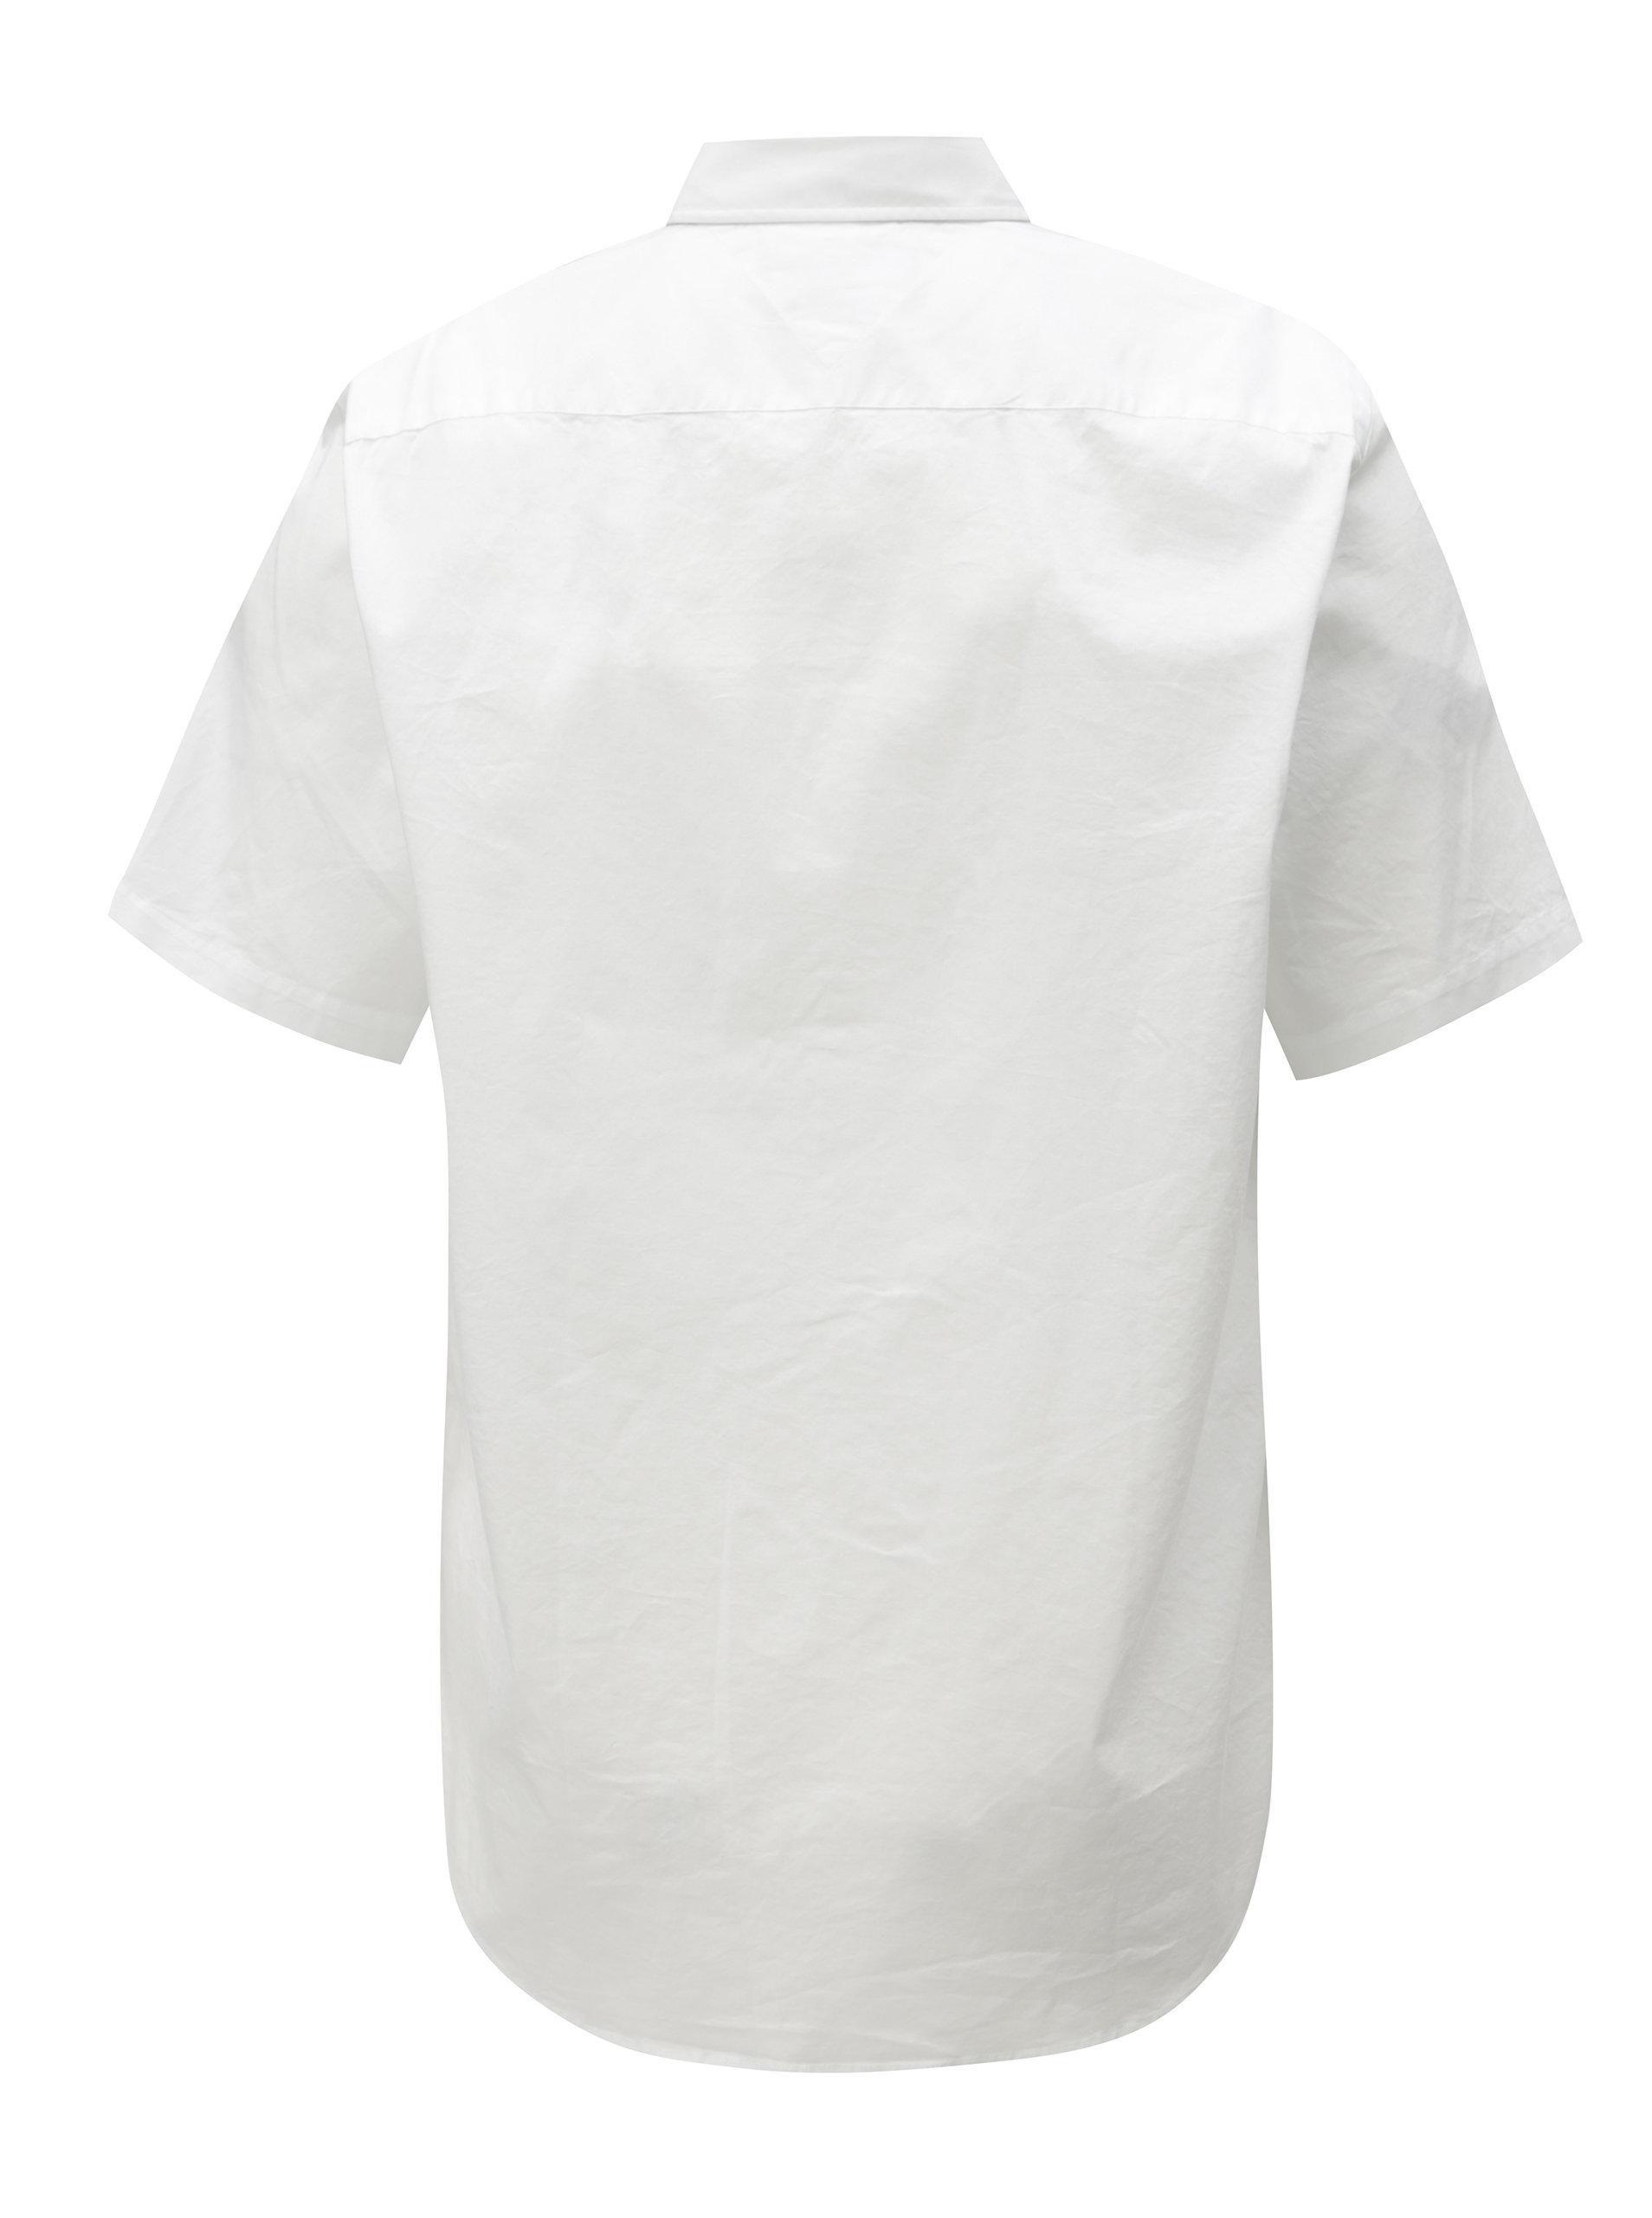 Bílá pánská košile s krátkým rukávem Tommy Hilfiger ... 1e6d71327c